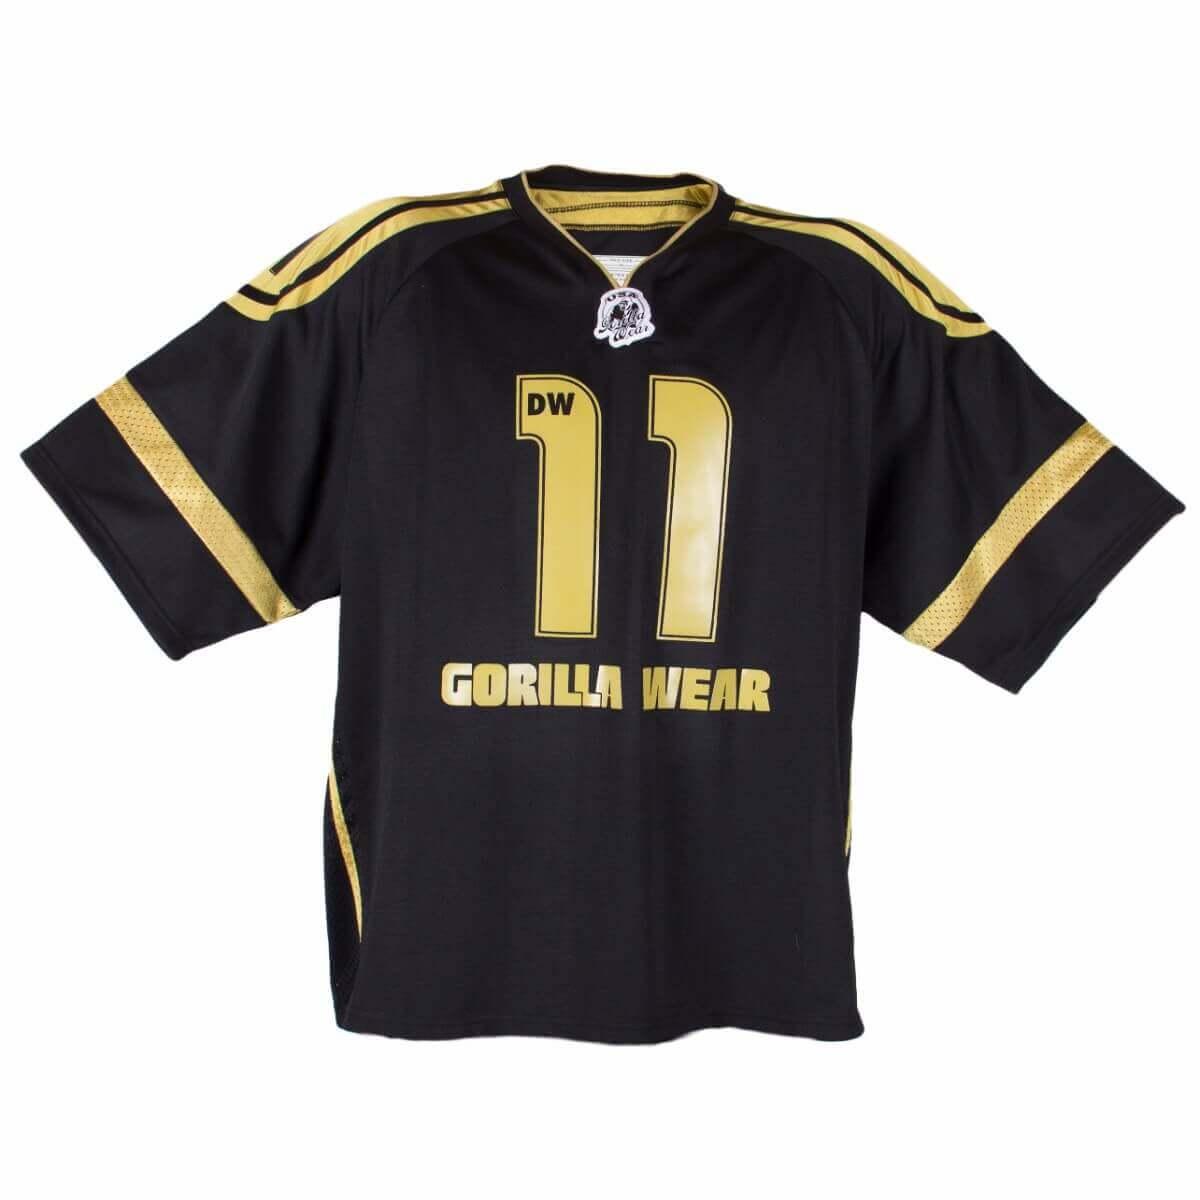 Gorilla Wear Athlete T Shirt Dennis Wolf Schwarz Gold Sale